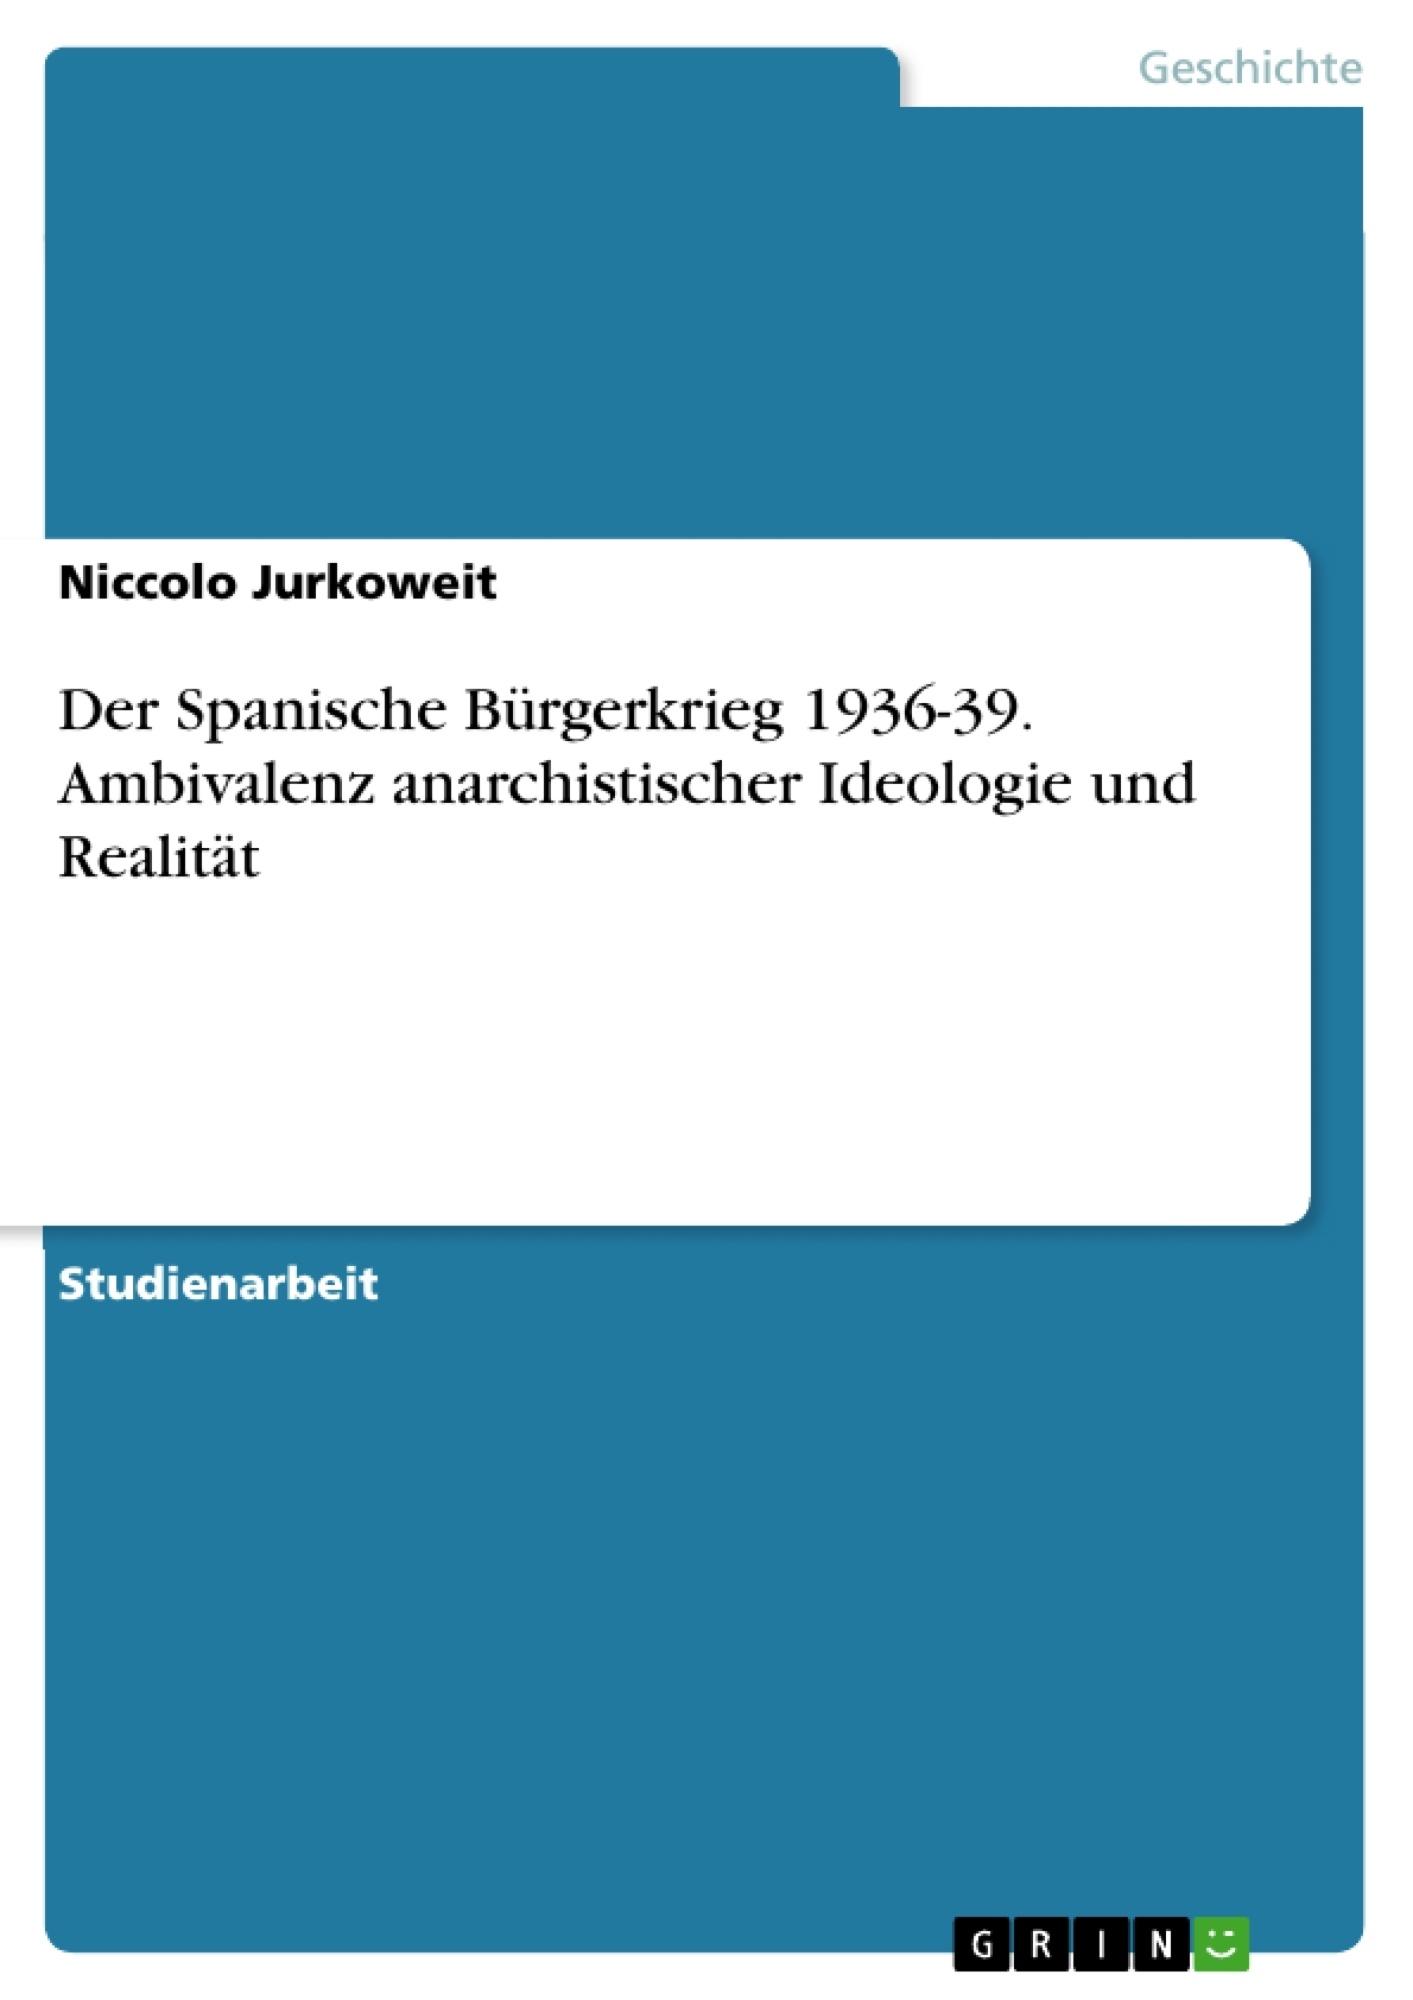 Titel: Der Spanische Bürgerkrieg 1936-39. Ambivalenz anarchistischer Ideologie und Realität